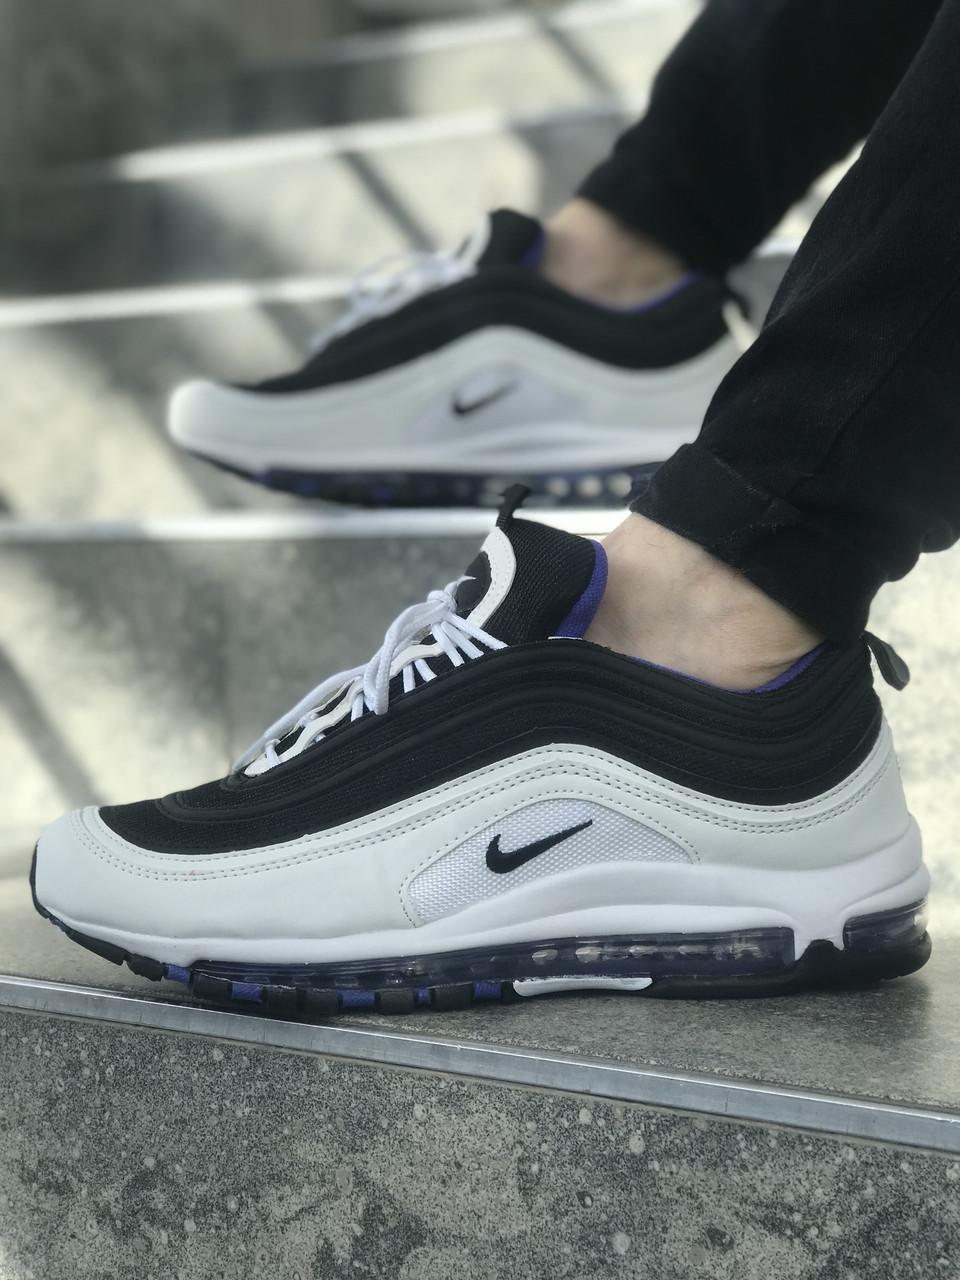 Мужские кроссовки Nike Air Max 97 41: продажа, цена в Киеве. кроссовки, кеды повседневные от